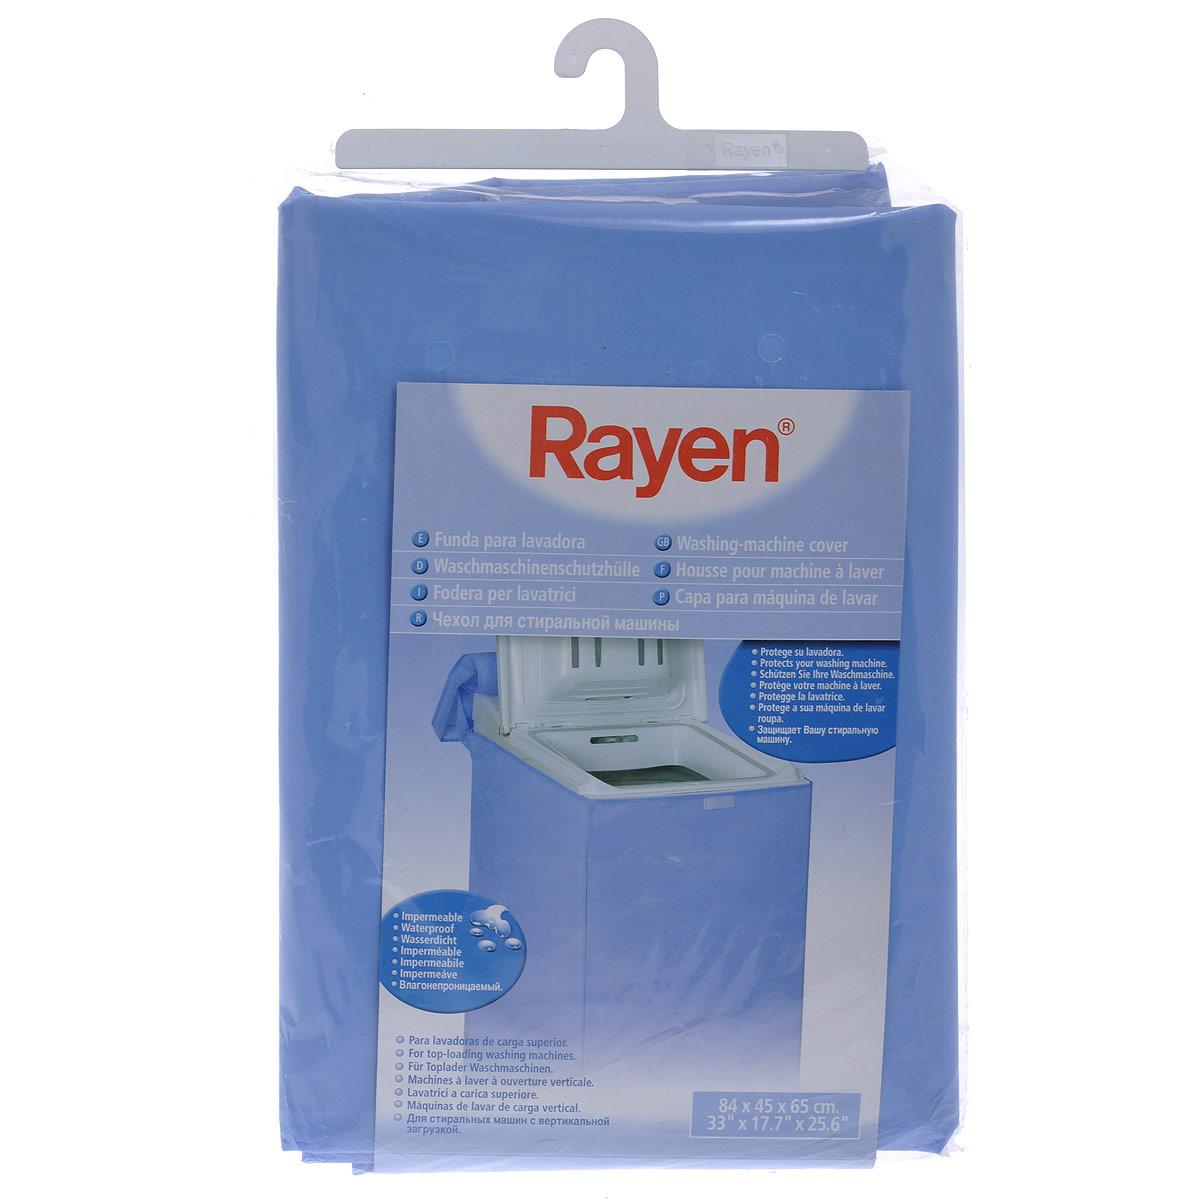 Чехол Rayen для вертикальной стиральной машины, 84 х 45 х 65 смCL_DC_TBC-406KЧехол Rayen, выполненный из синтетической влагонепроницаемой ткани, защитит вашу стиральную машину от царапин, ударов, грязи и т.д. Чехол сшит так, что он не будет закрывать панель управления. Характеристики: Материал: синтетическая ткань. Размер чехла: 84 см х 45 см х 65 см. Размер упаковки: 32 см х 22 см х 2 см. Производитель: Испания. Артикул: 37003216.